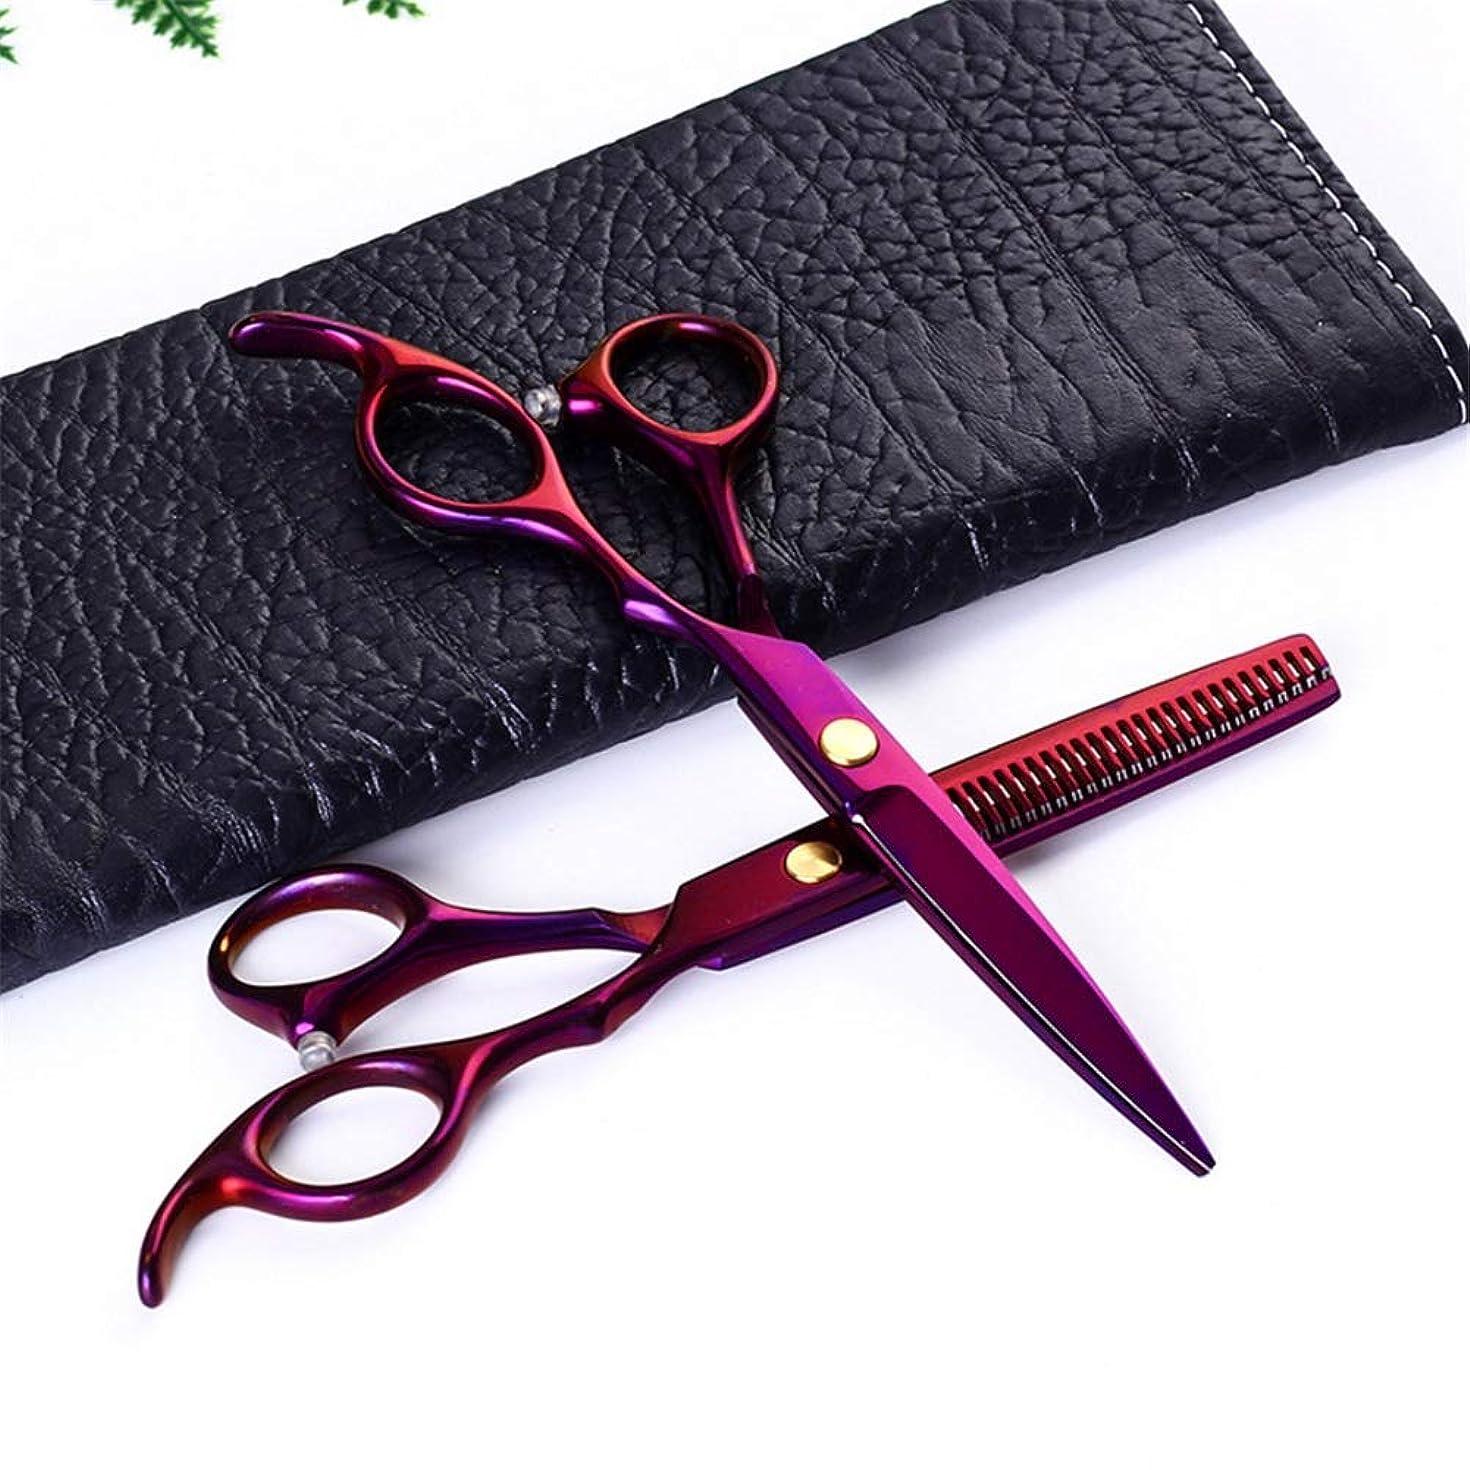 気楽な助けになる場合理髪はさみメッキパープルシャープスタイリングカミソリ髪はさみカッティングシザーシニングシザーとくし6.0 in